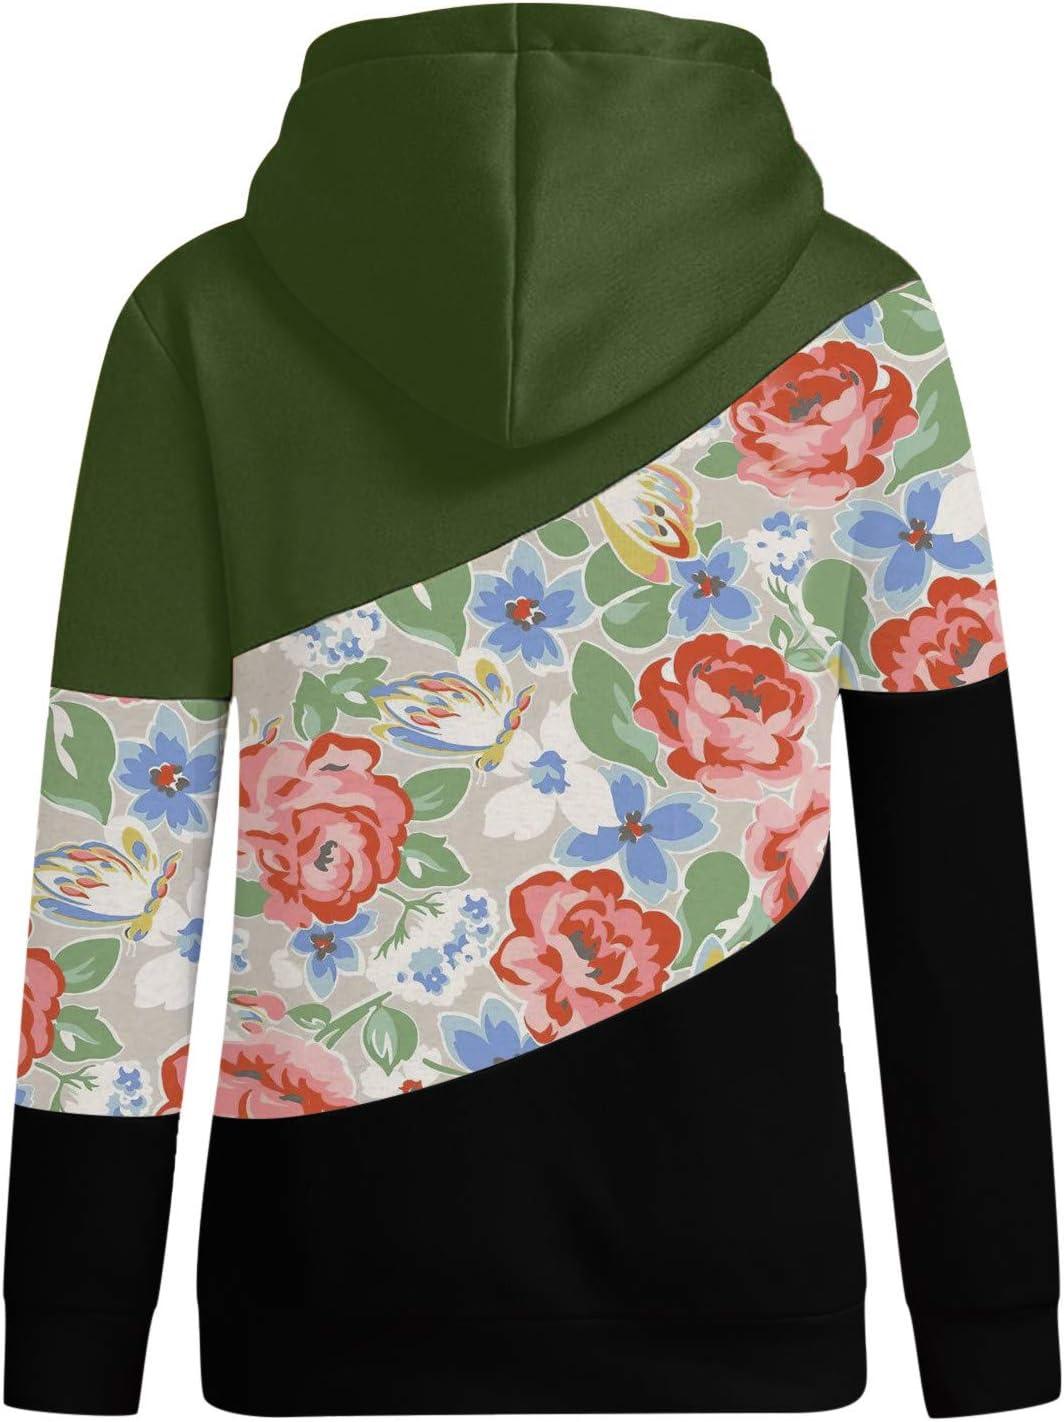 FantaisieZ Damen Herbst Winter Hoodie Outwear Kapuzenpullover Frauen Warm Elegante Hooded Sweatshirt mit Kapuze Mantel Jacke Tops Outwear Hoodie mit Kordel und Taschen Schwarz-6